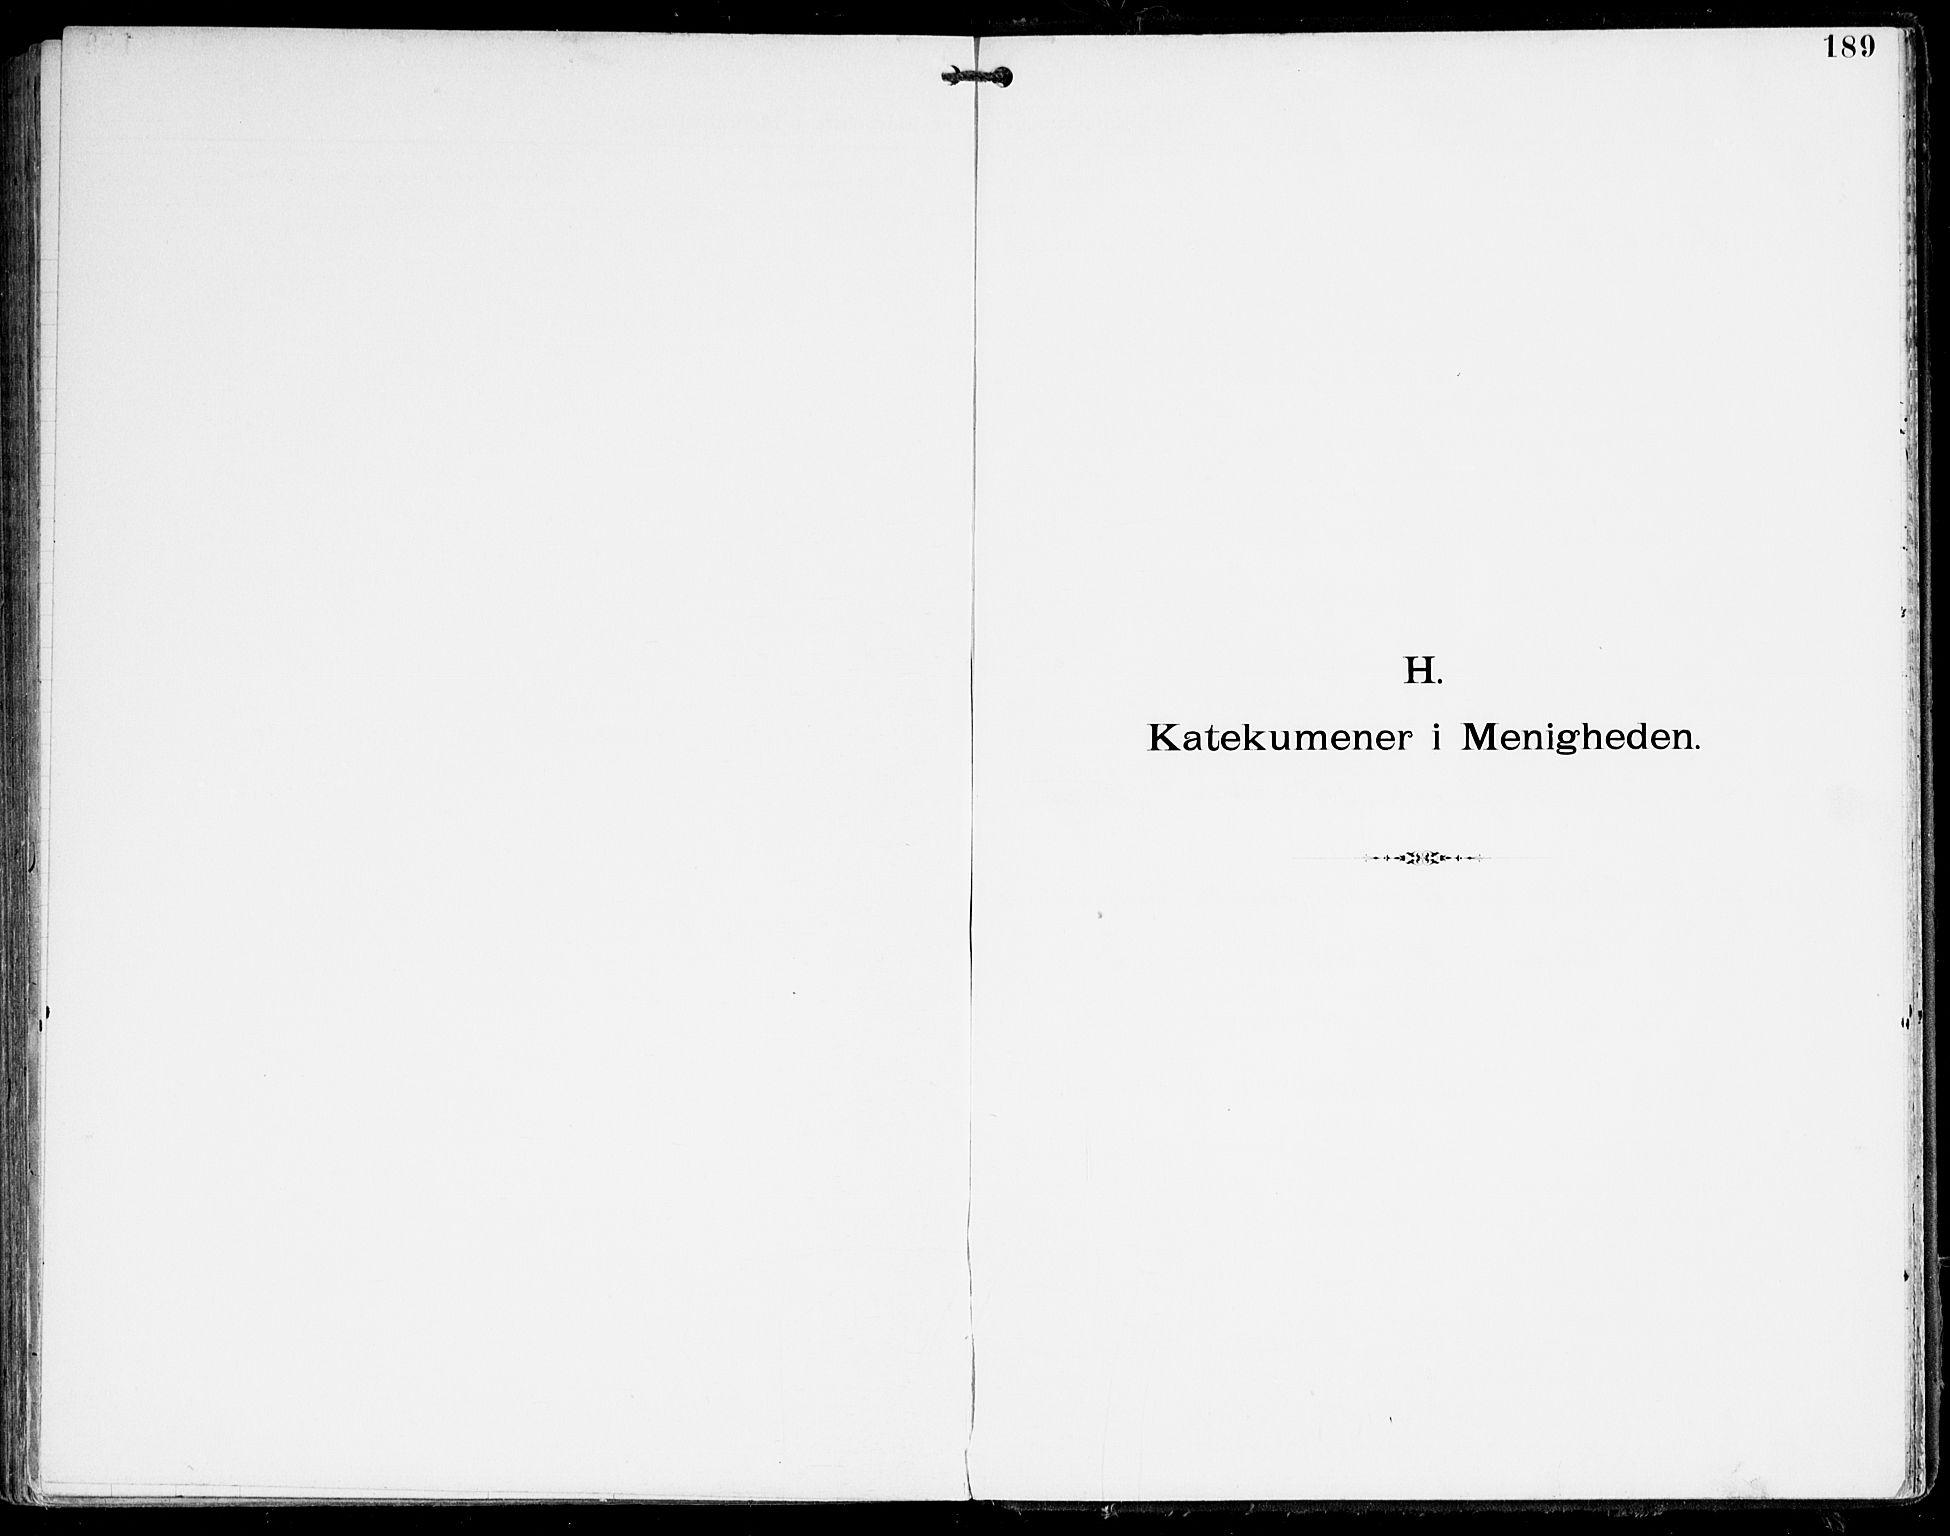 SAK, Den evangelisk-lutherske frikirke, Kristiansand, F/Fa/L0003: Dissenterprotokoll nr. F 11, 1892-1925, s. 189